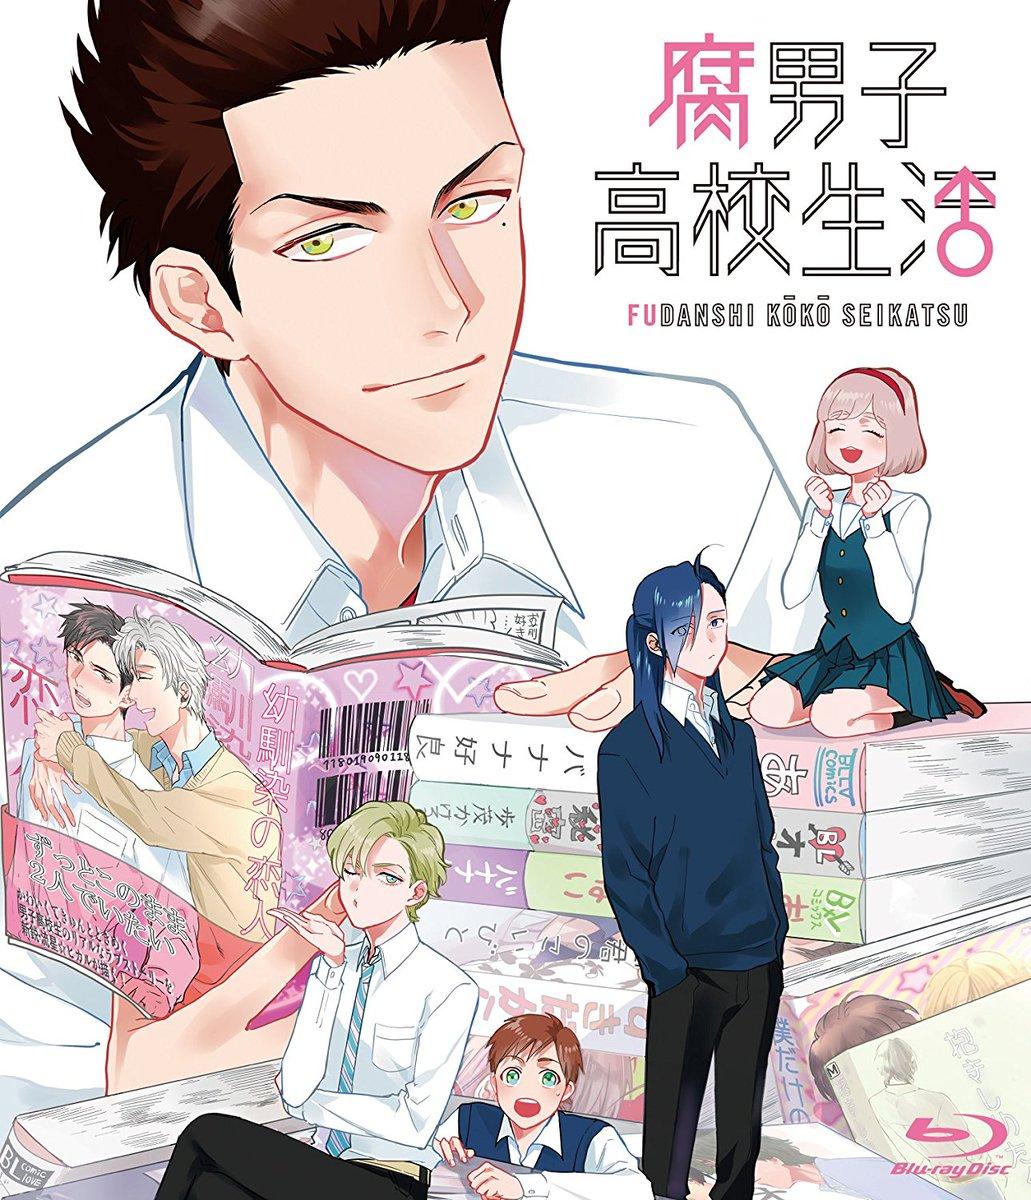 アニメ『腐男子高校生活』の宣伝担当による色々なBLコミックス紹介! 有名どころばかりかと思いきや…?